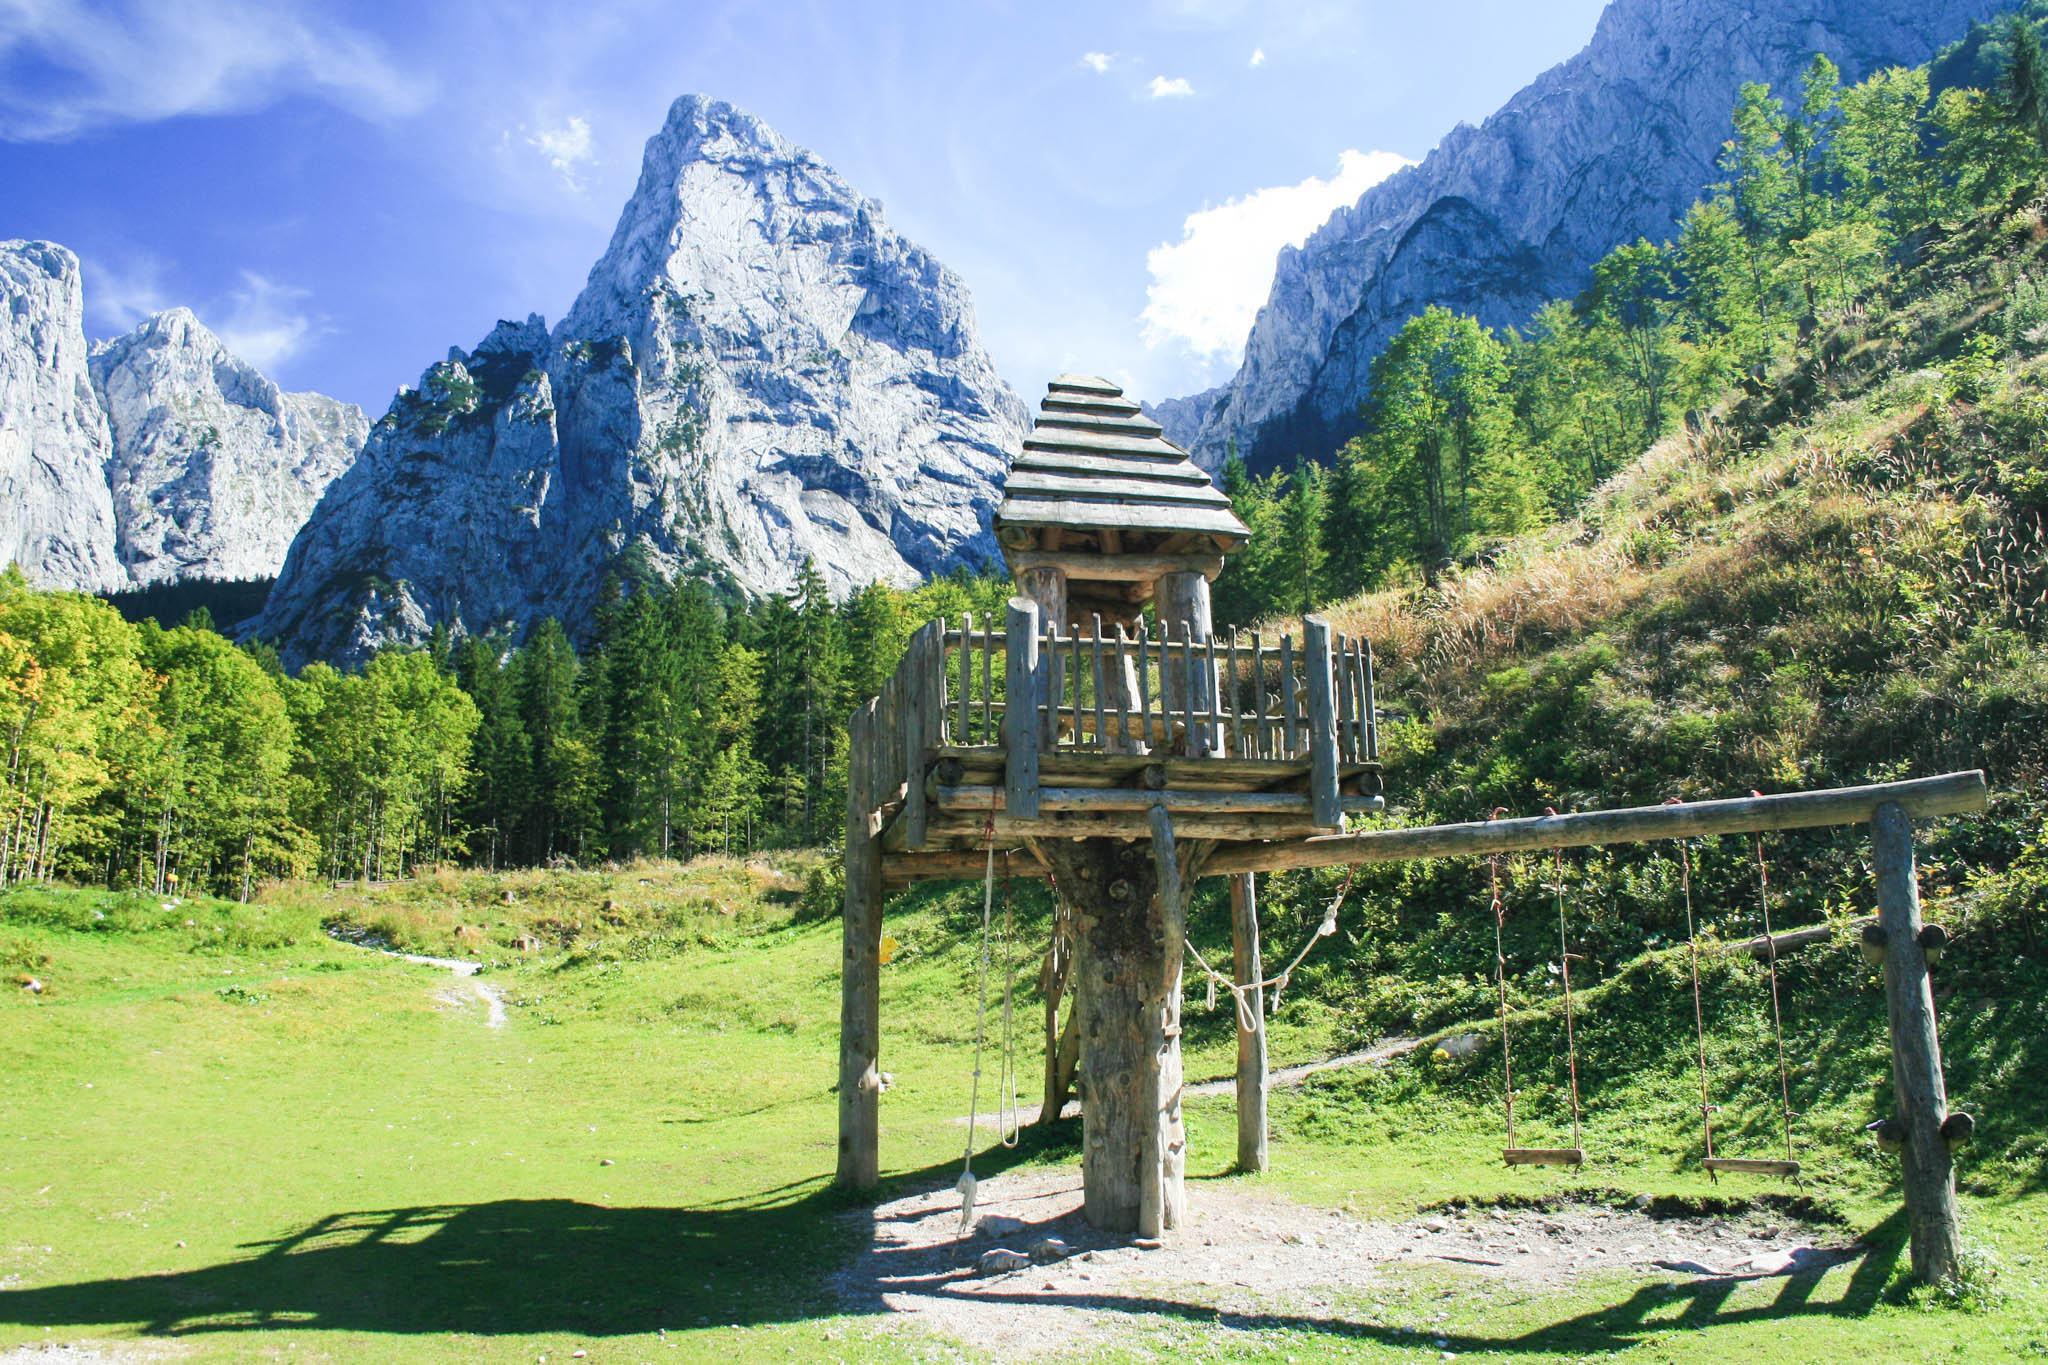 Das Baumhaus in Hinterbärenbad